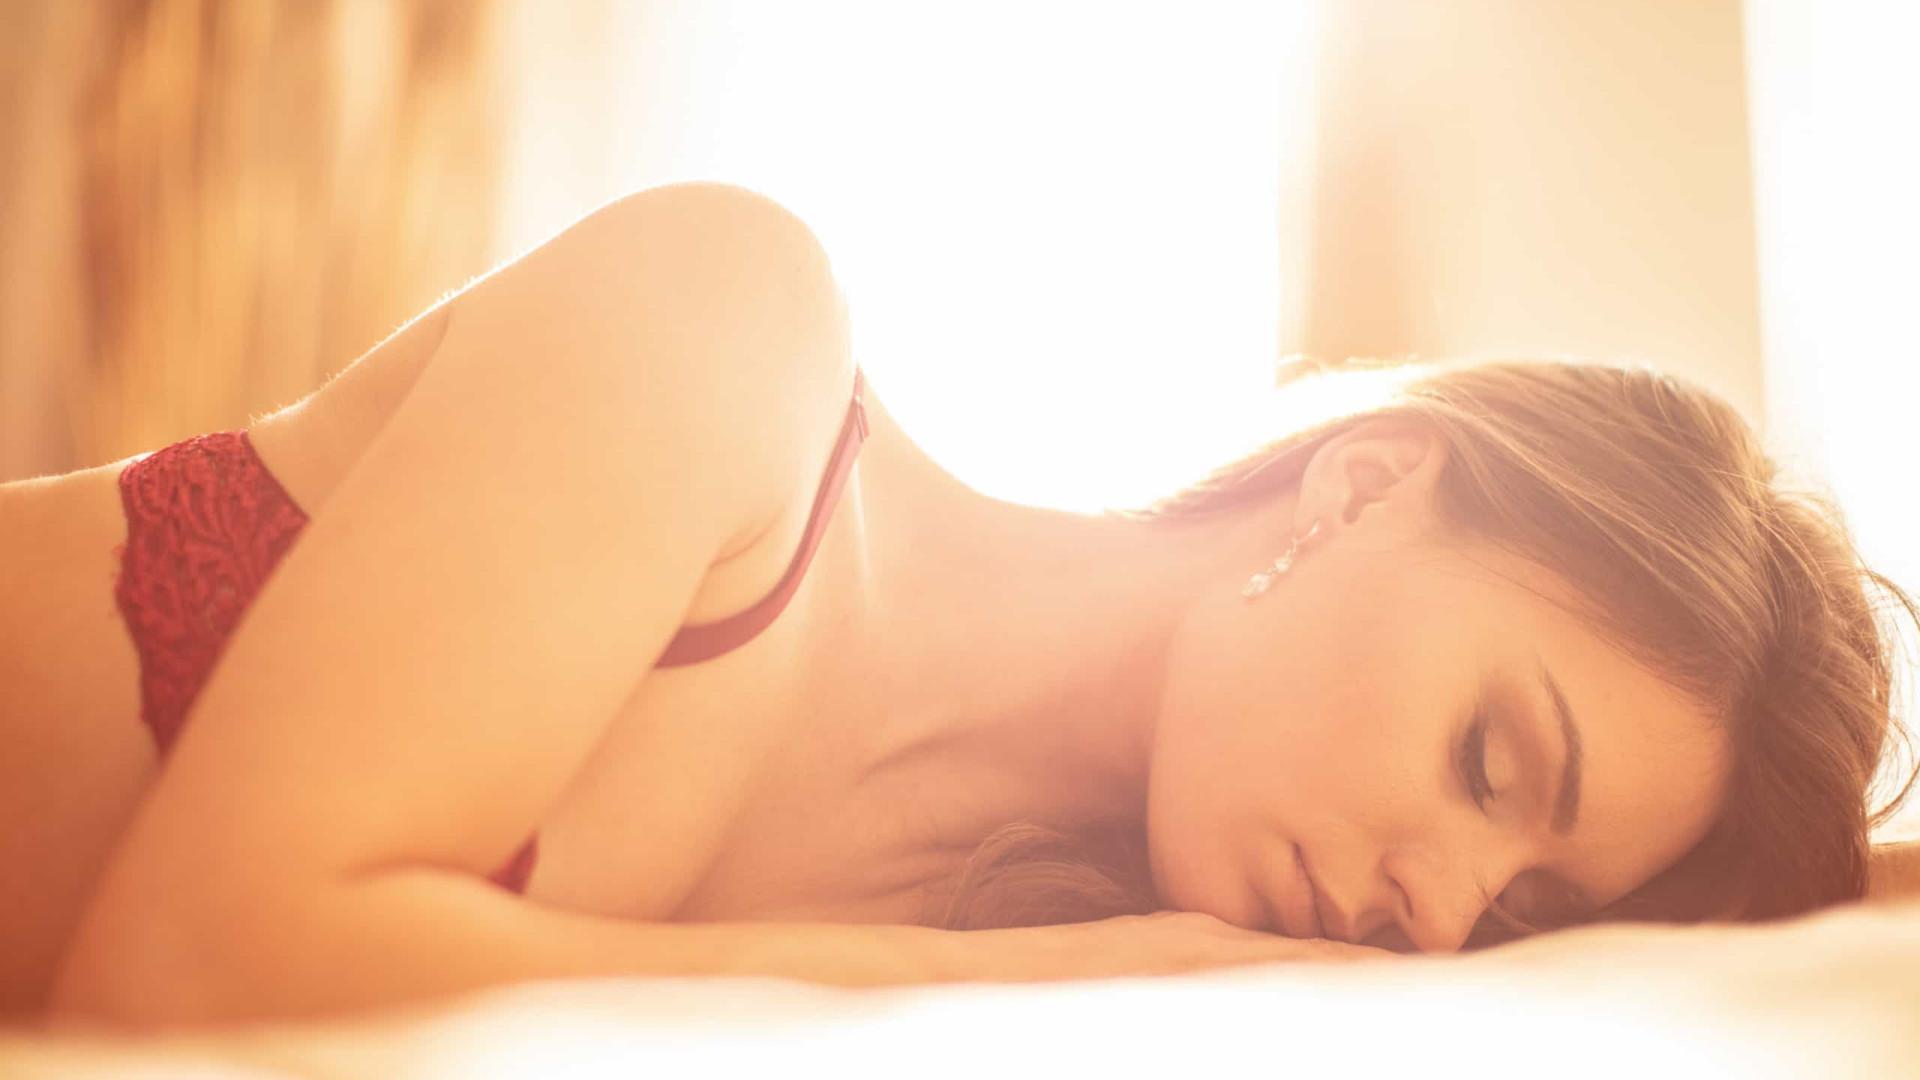 Dormir com sutiã faz mal?